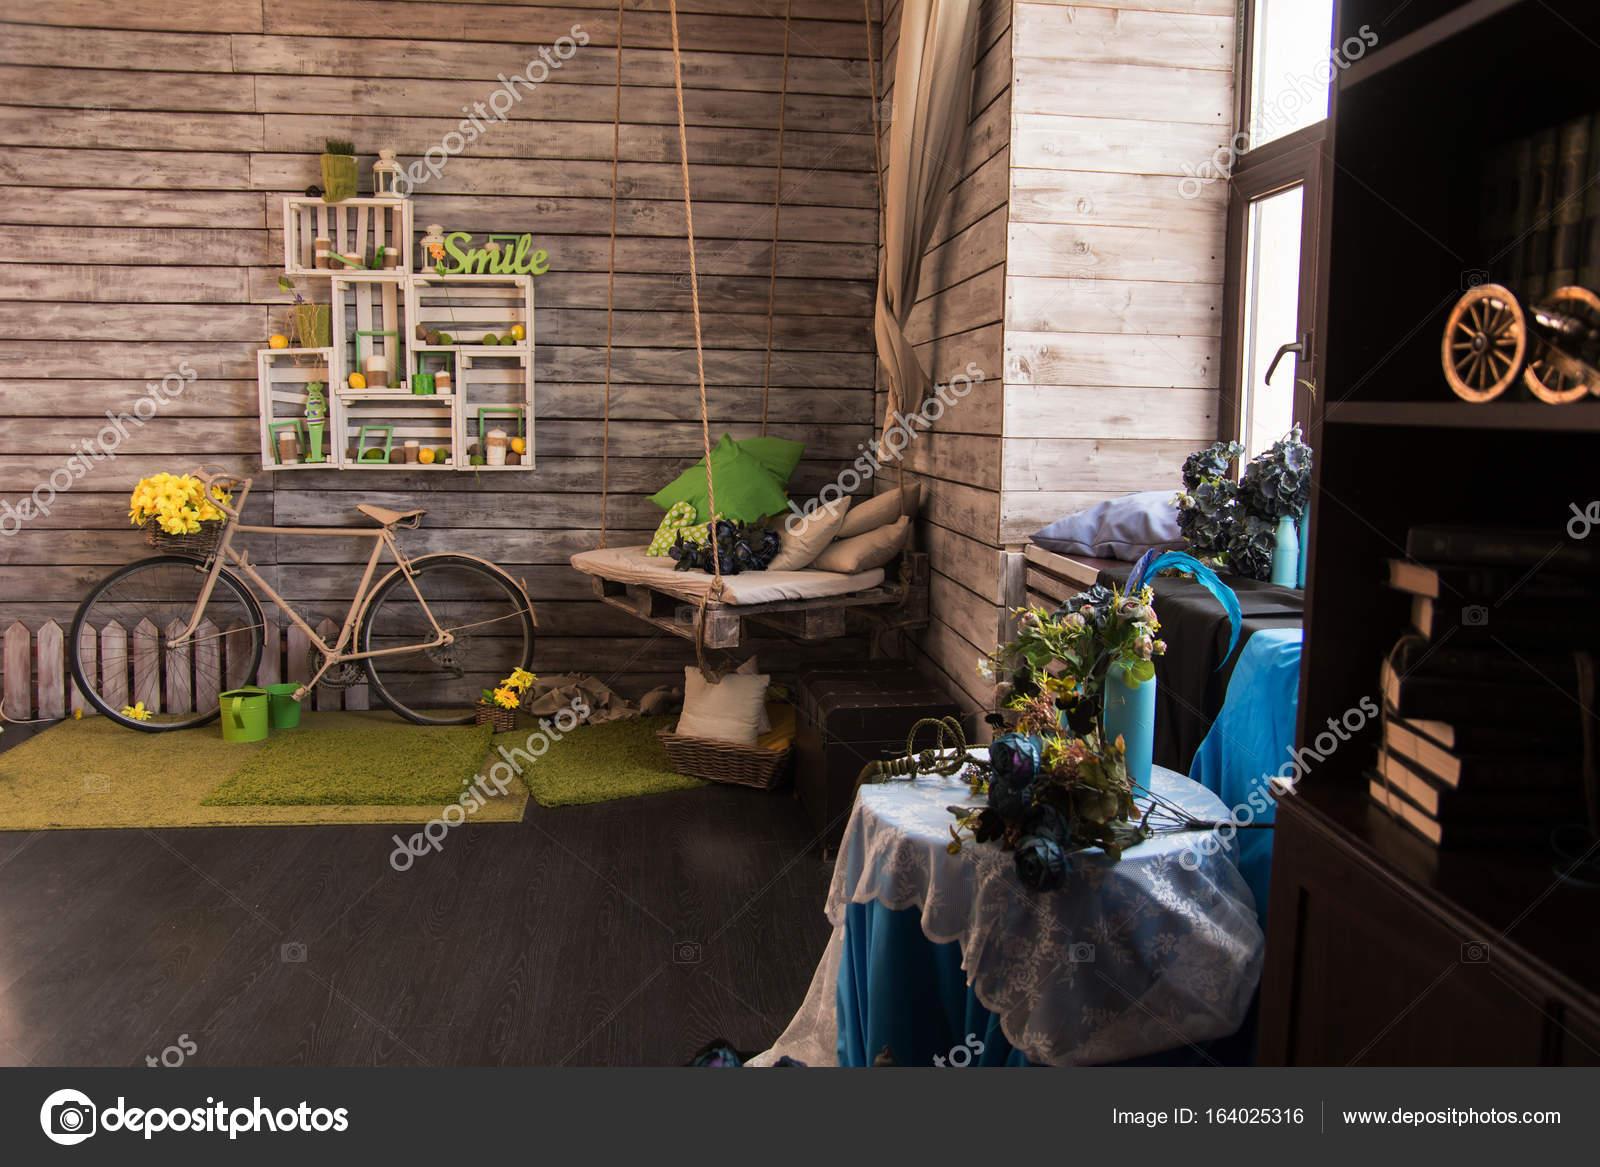 Interni Di Una Casa Di Campagna : Interni di una casa di campagna con un muro di tavole di legno